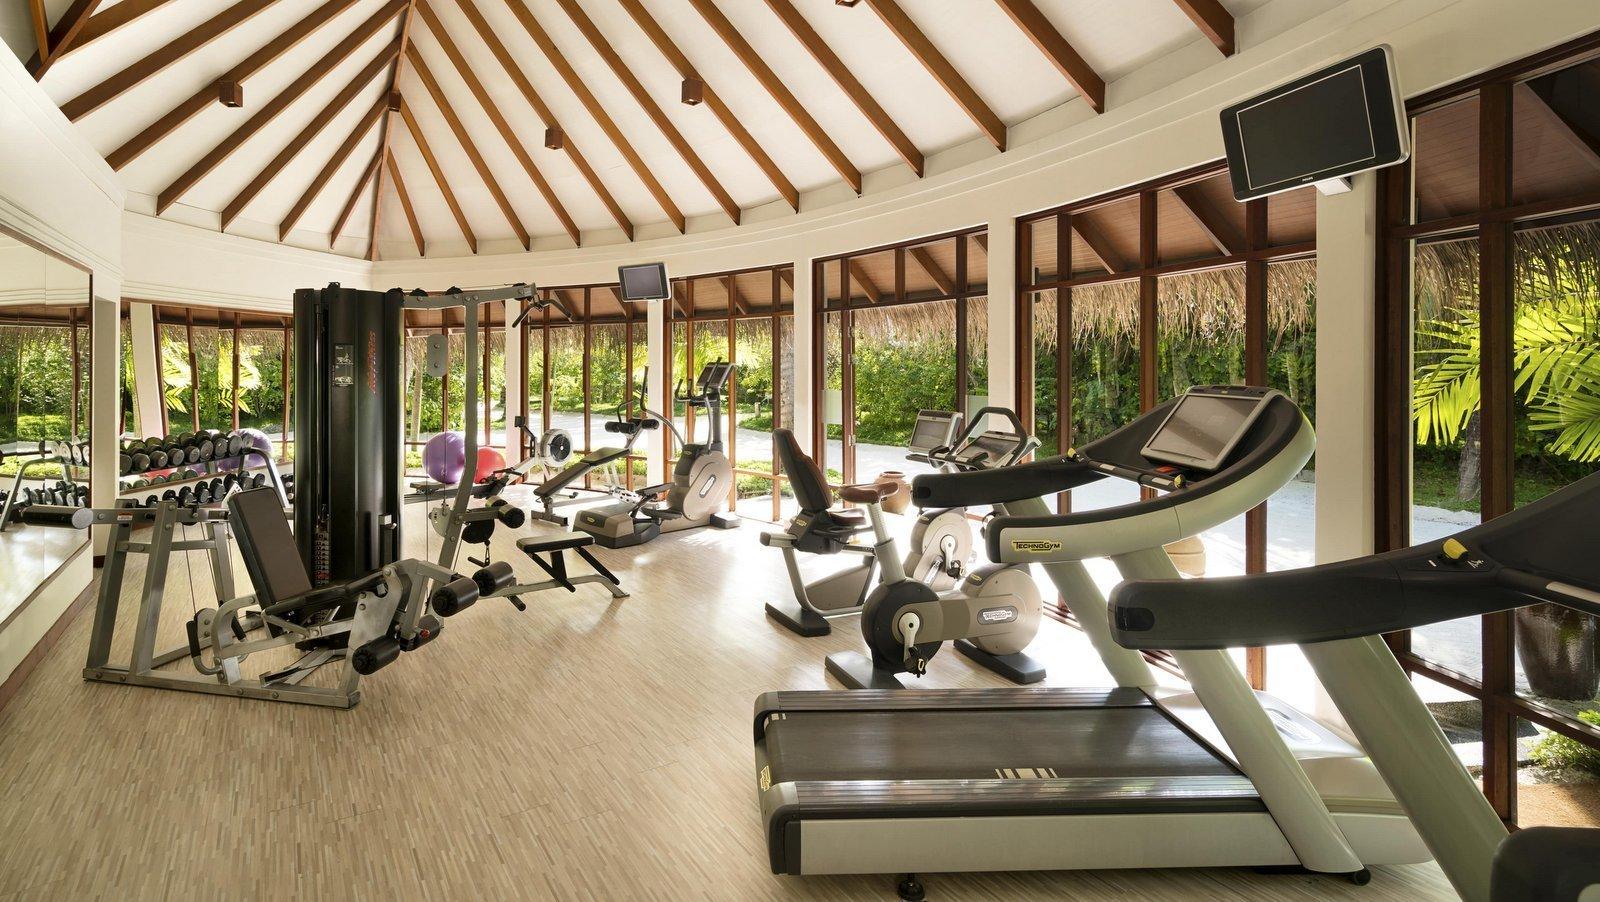 Мальдивы, отель Anantara Dhigu Maldives Resort, фитнес центр